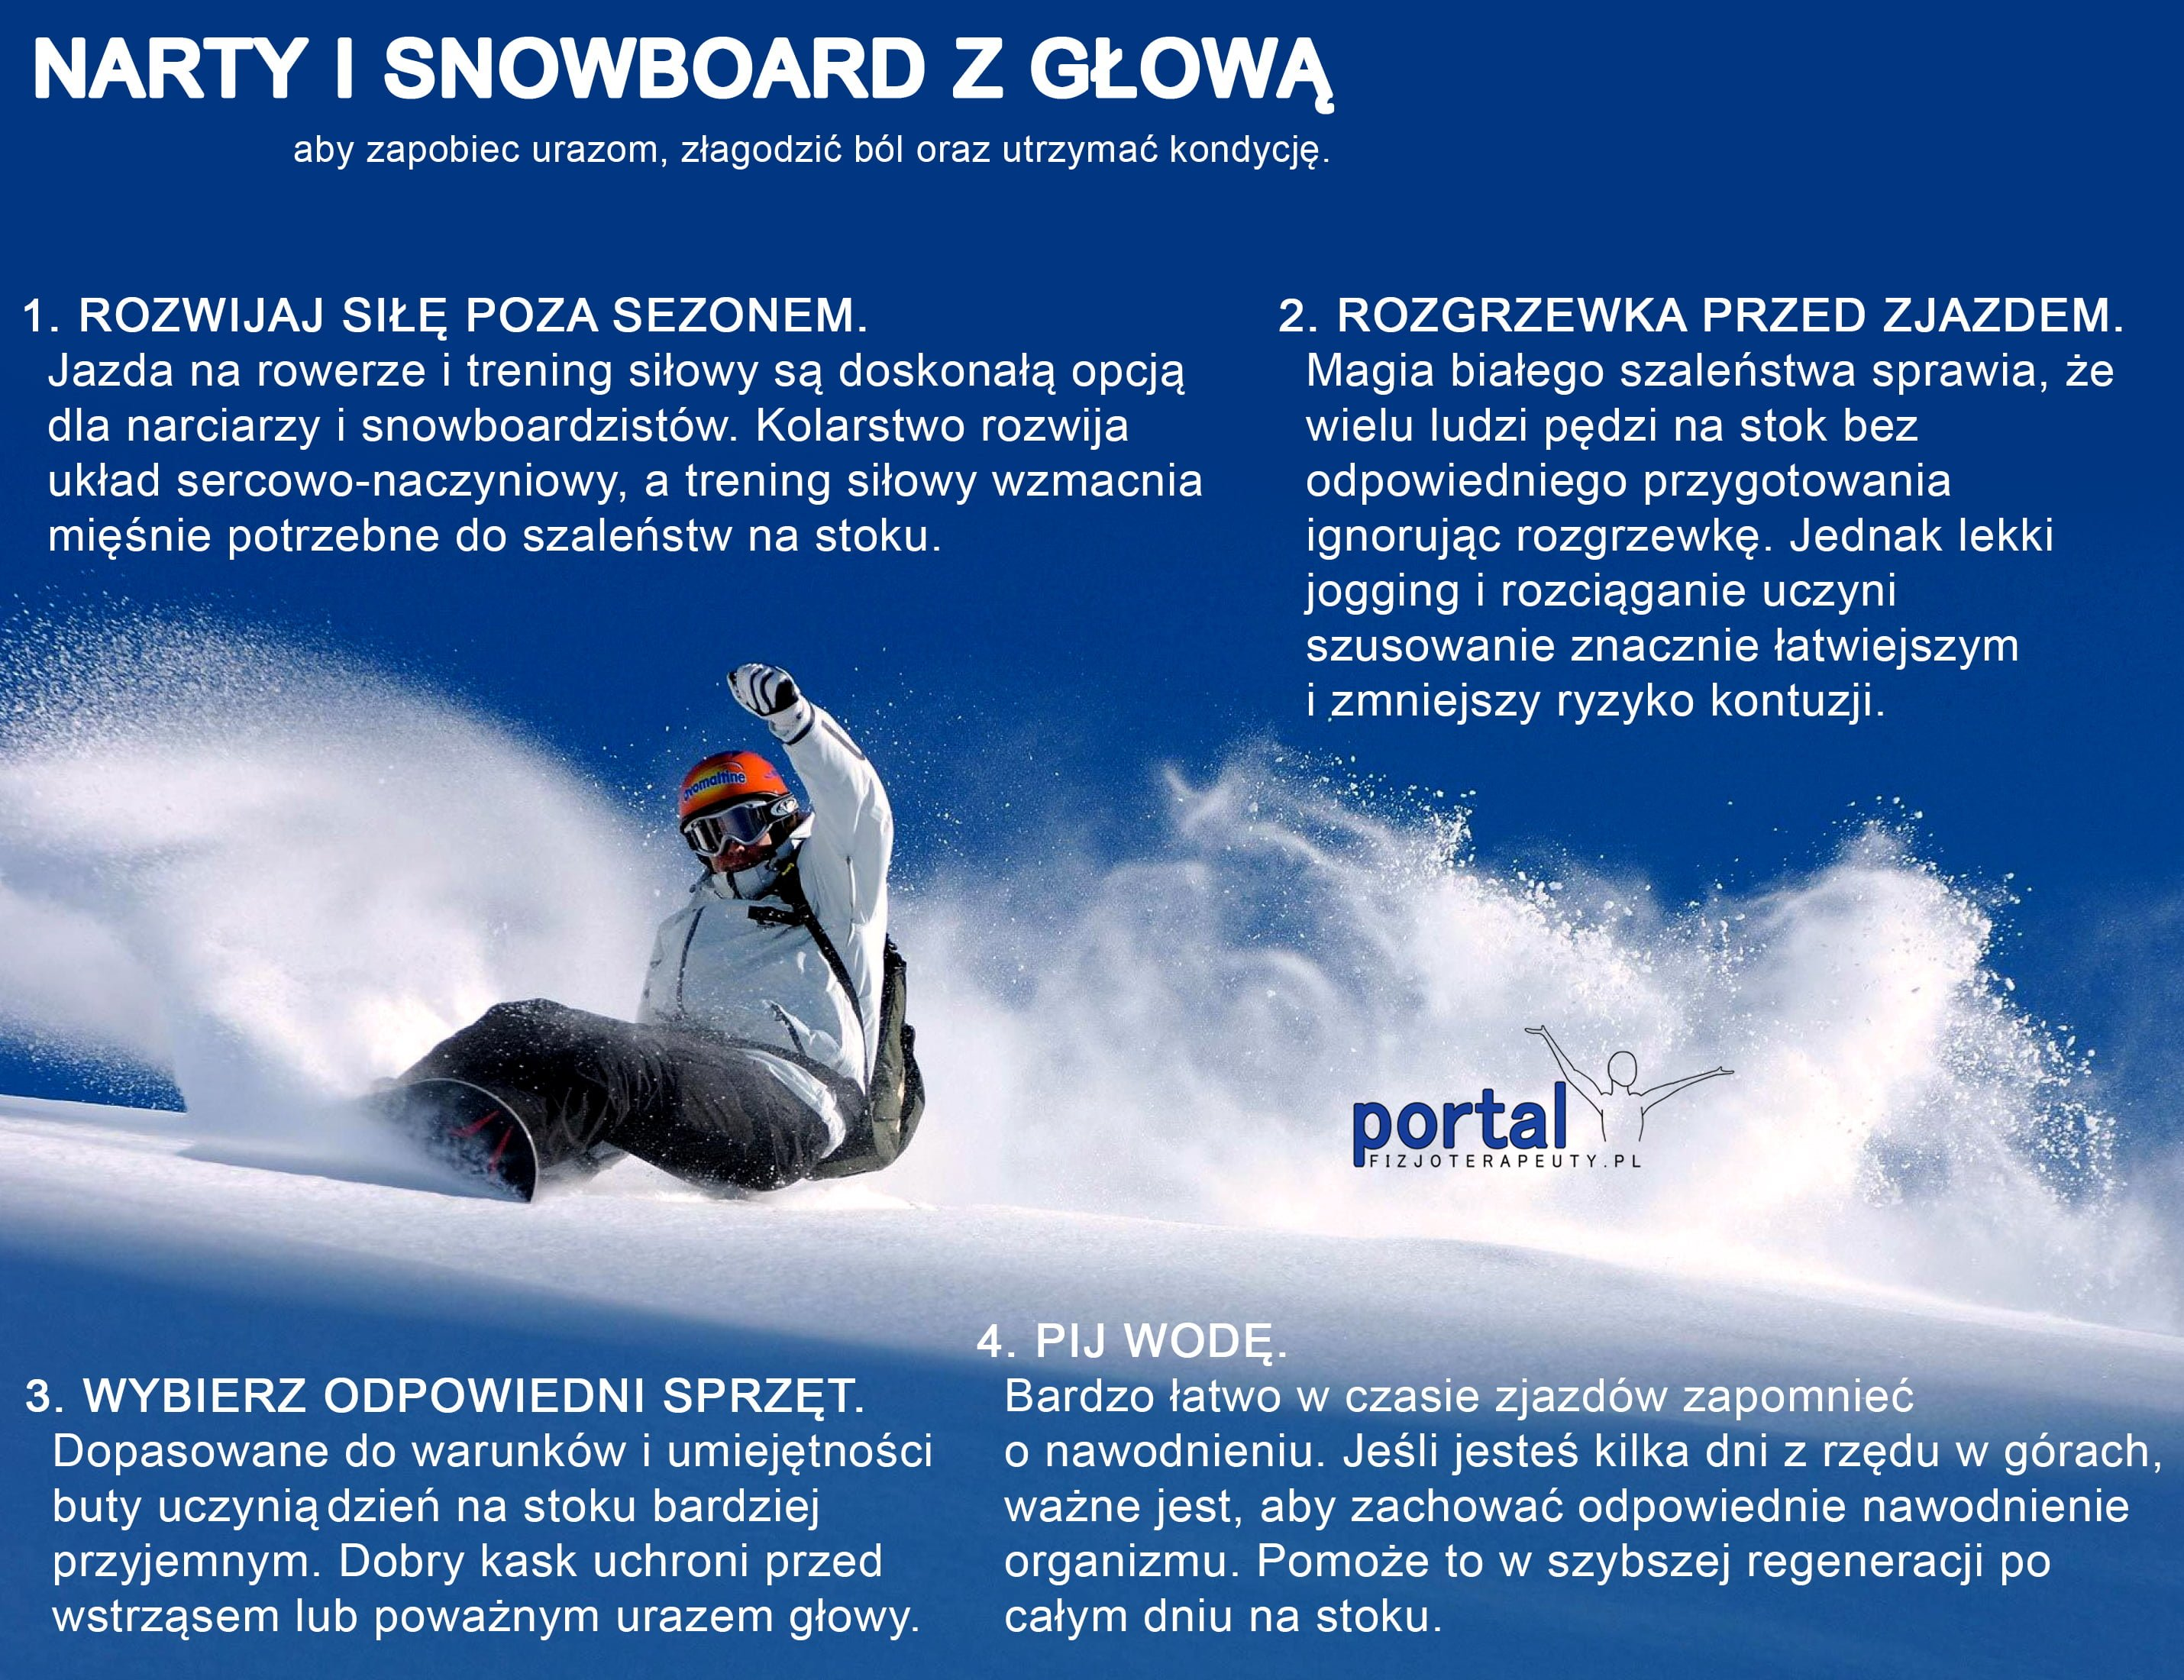 Wybieraj się na narty i snowboard z głową